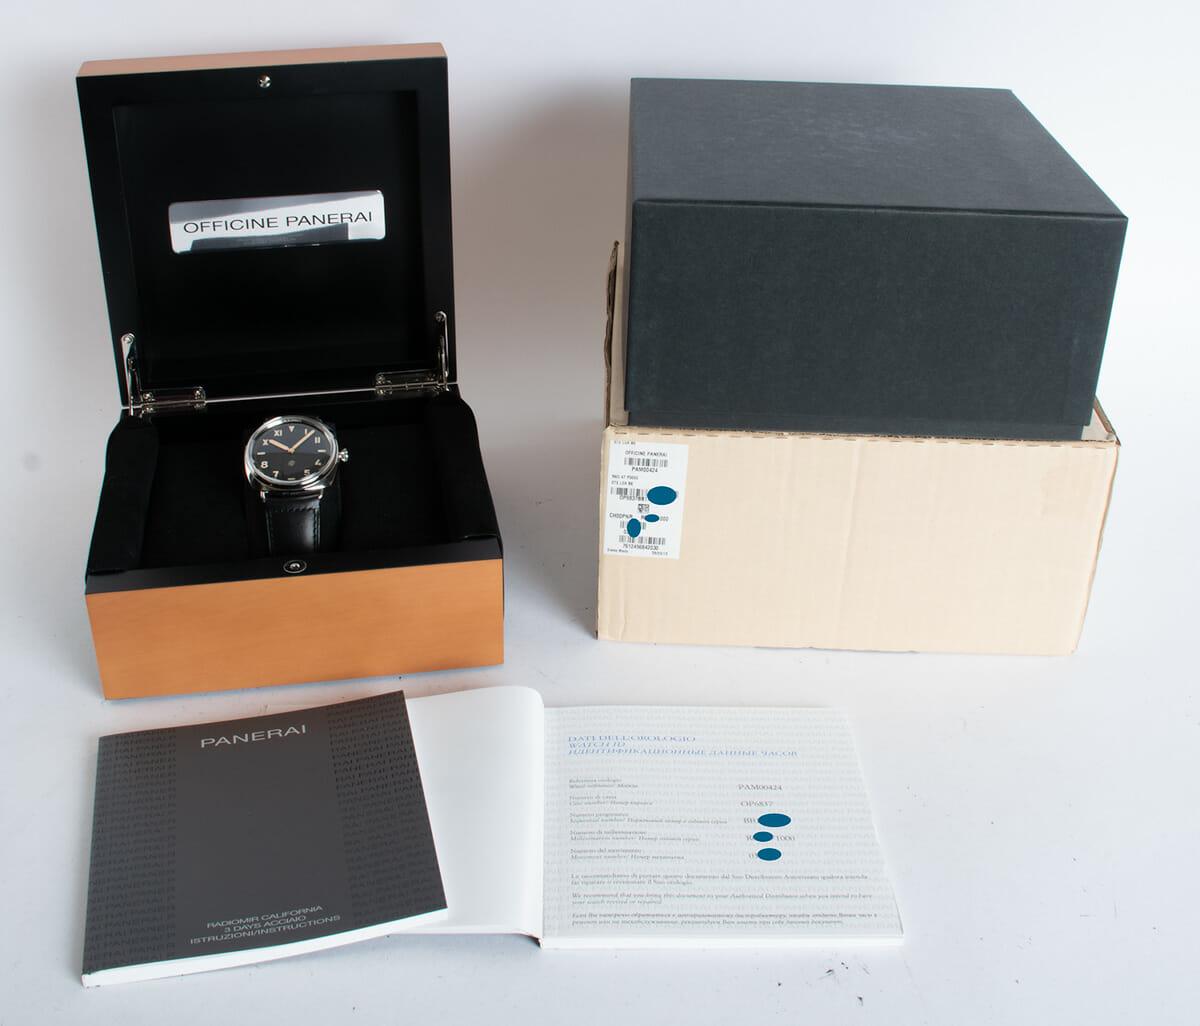 Box / Paper shot of Radiomir California 47mm